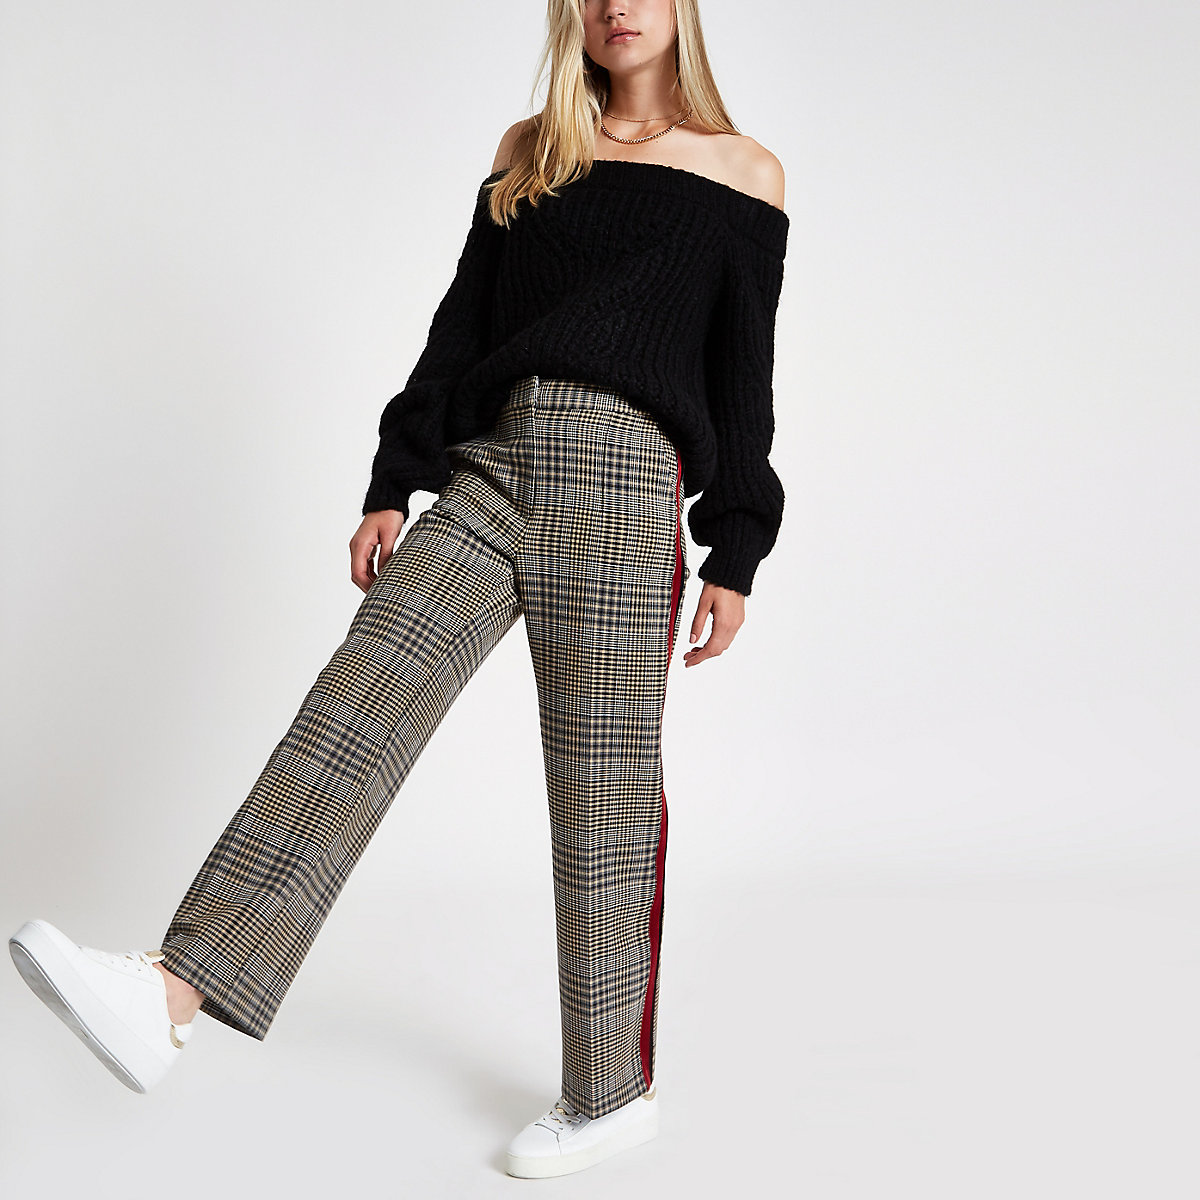 Black stitch knit bardot sweater